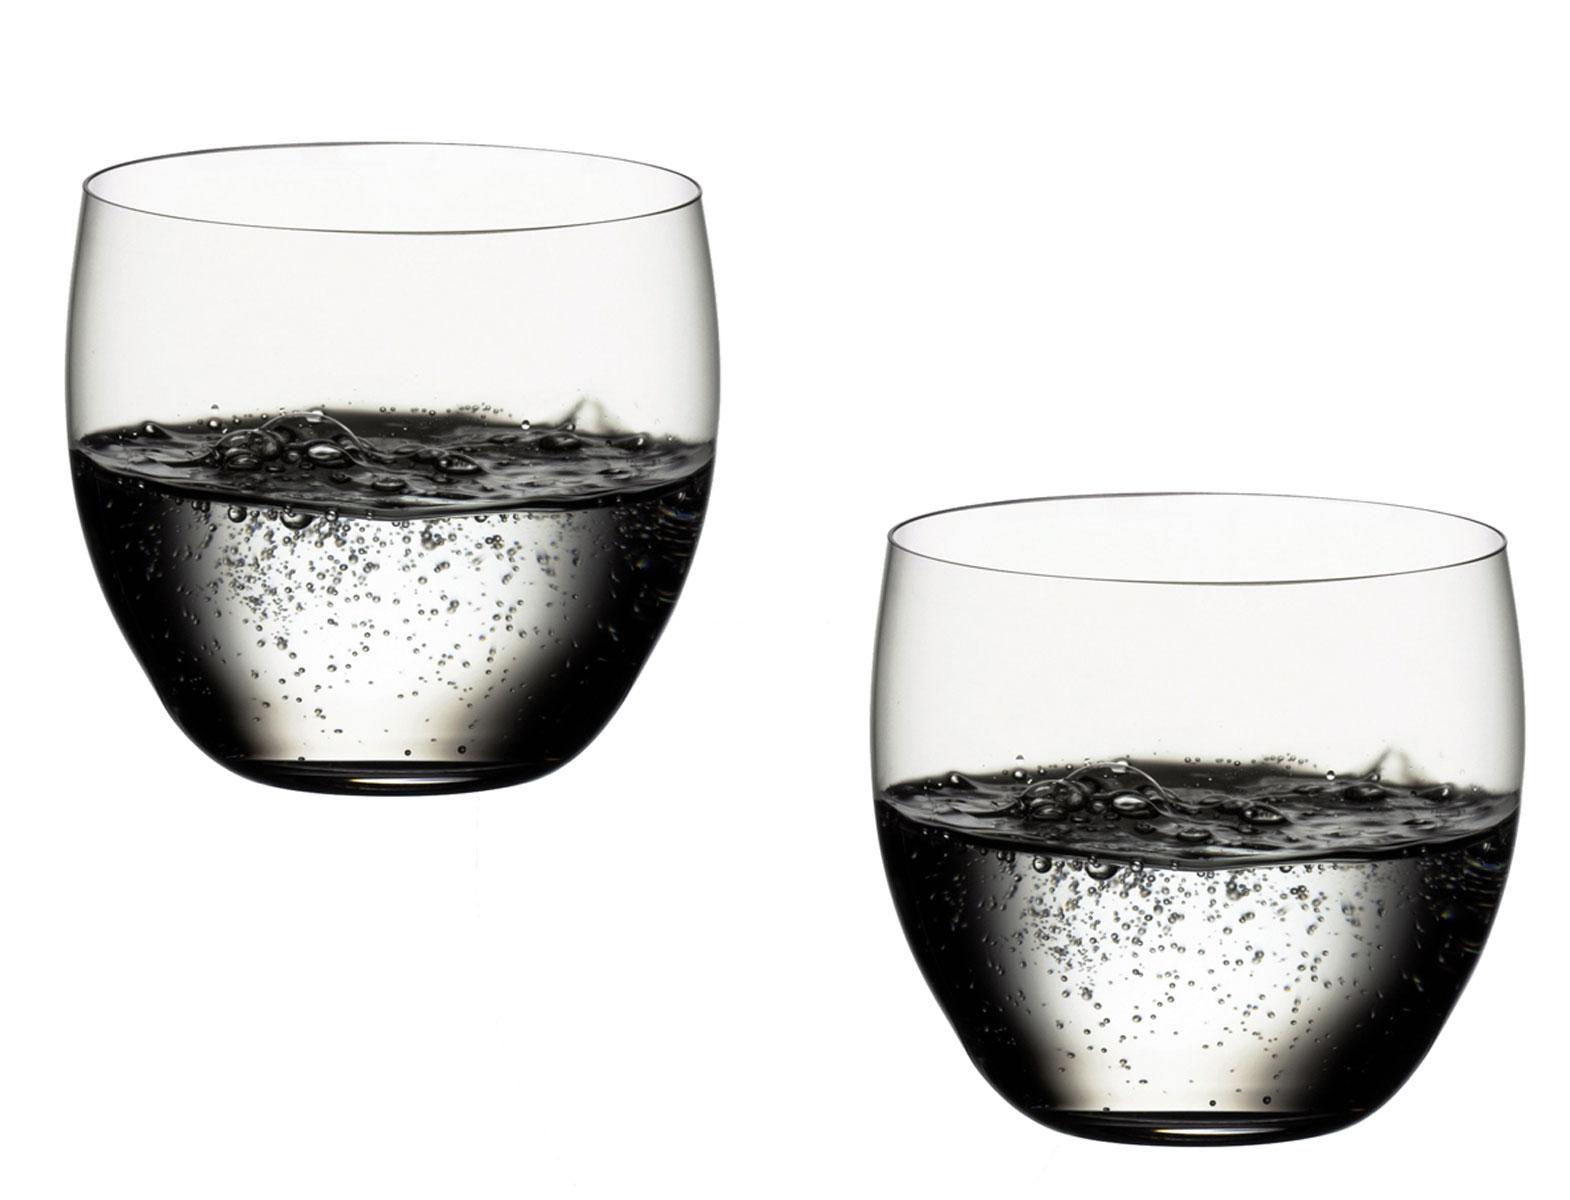 Набор стаканов Riedel Vinum XL, 371 мл, 2 шт6416/20Набор Riedel Vinum XL состоит из двух стаканов, изготовленных из высококачественного стекла. Элегантный дизайн и изящные формы предметов набора привлекут к себе внимание и украсят интерьер. Стаканы идеально подойдут для сервировки стола и станут отличным подарком к любому празднику. Диаметр стакана (по верхнему краю): 8,5 см. Высота фужера: 8,5 см.